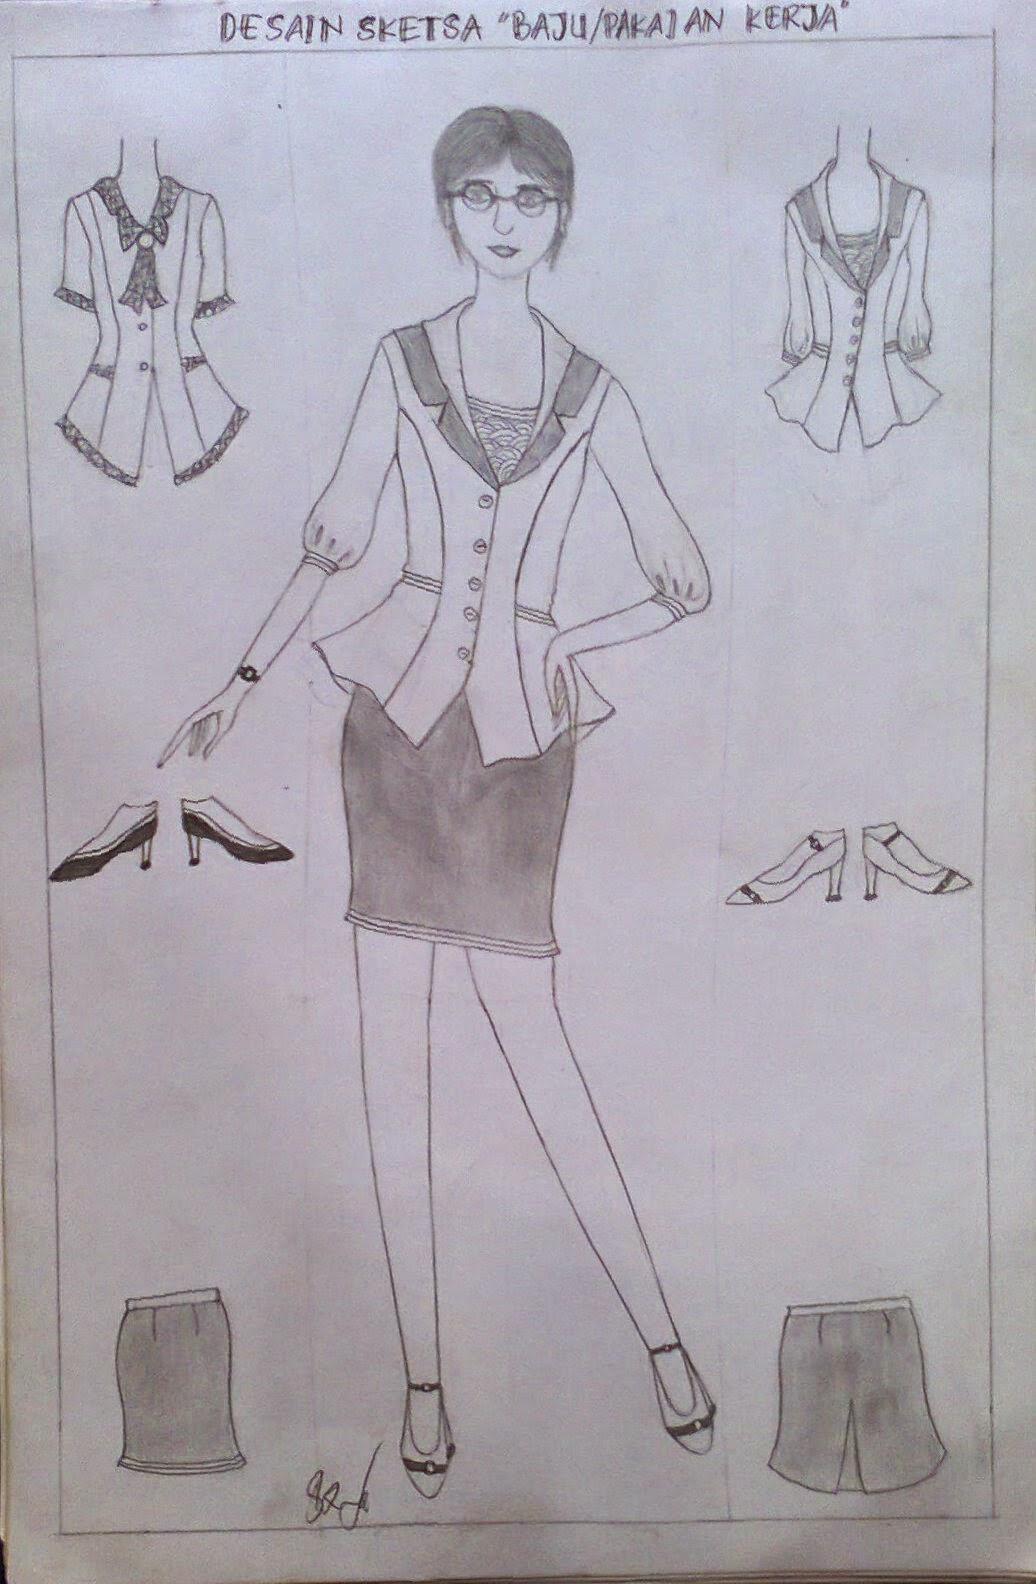 Gambar Sketsa Desain Baju Kerja